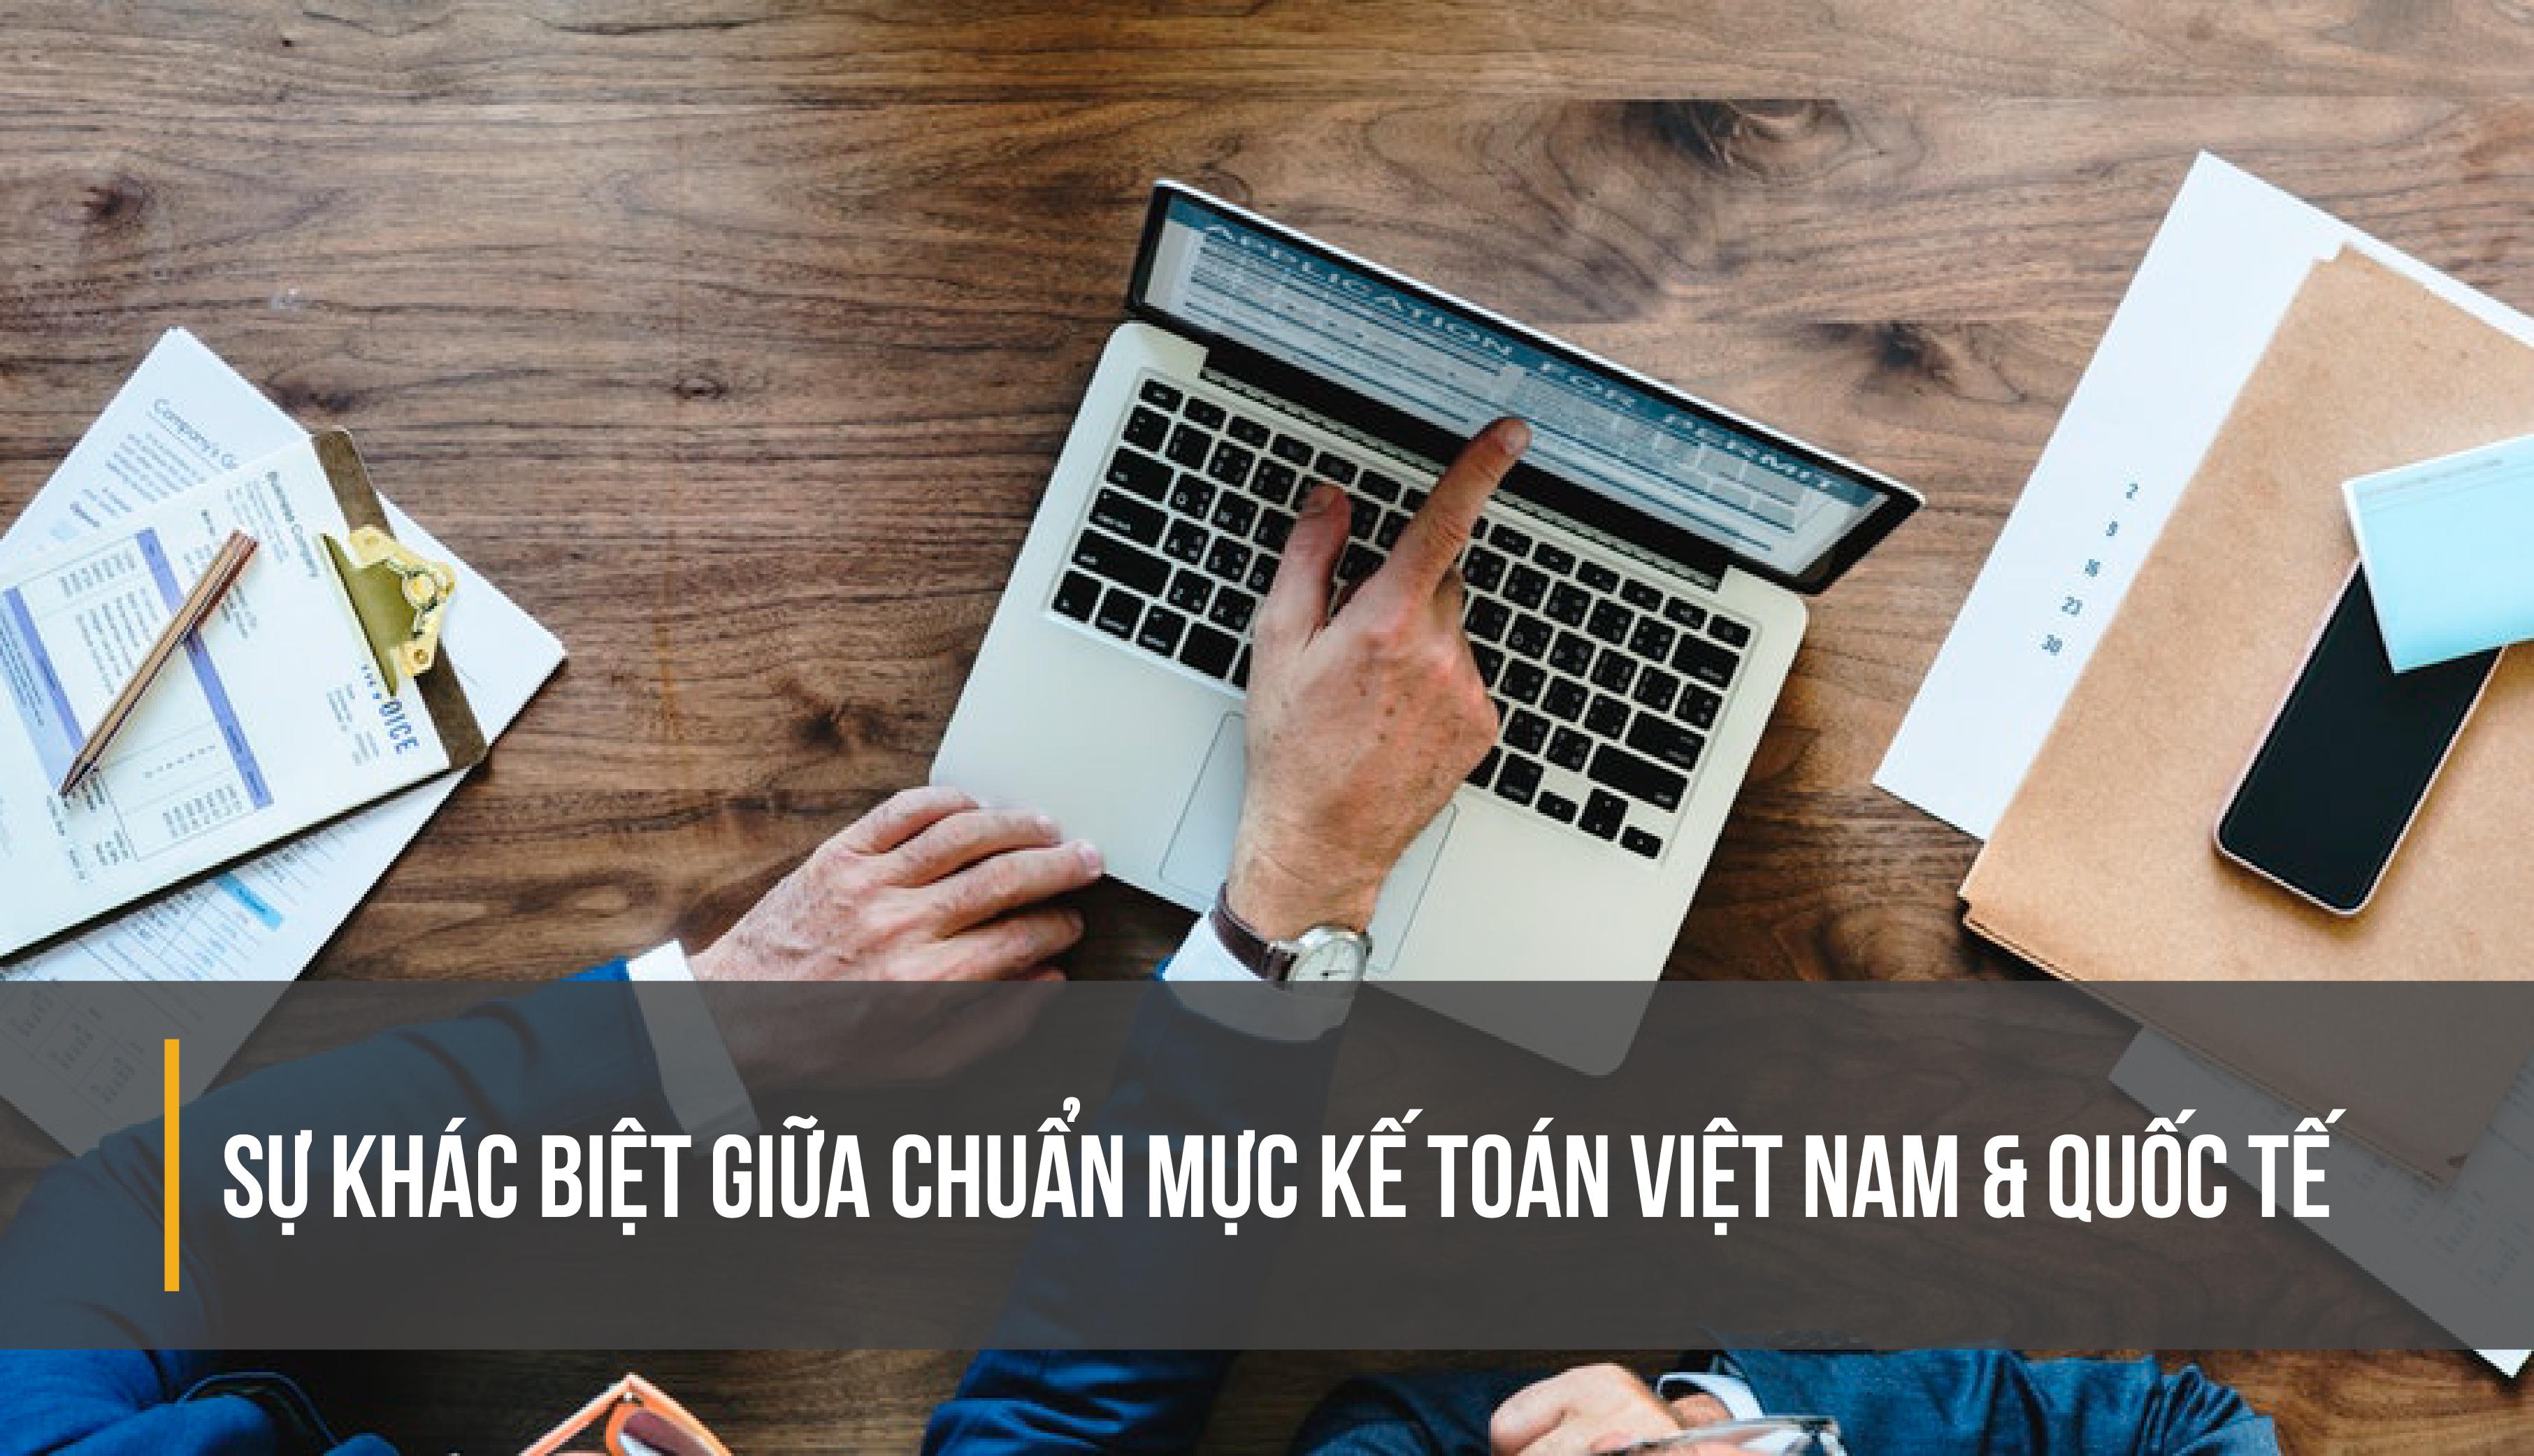 Sự khác biệt giữa chuẩn mực kế toán Việt Nam và quốc tế-01